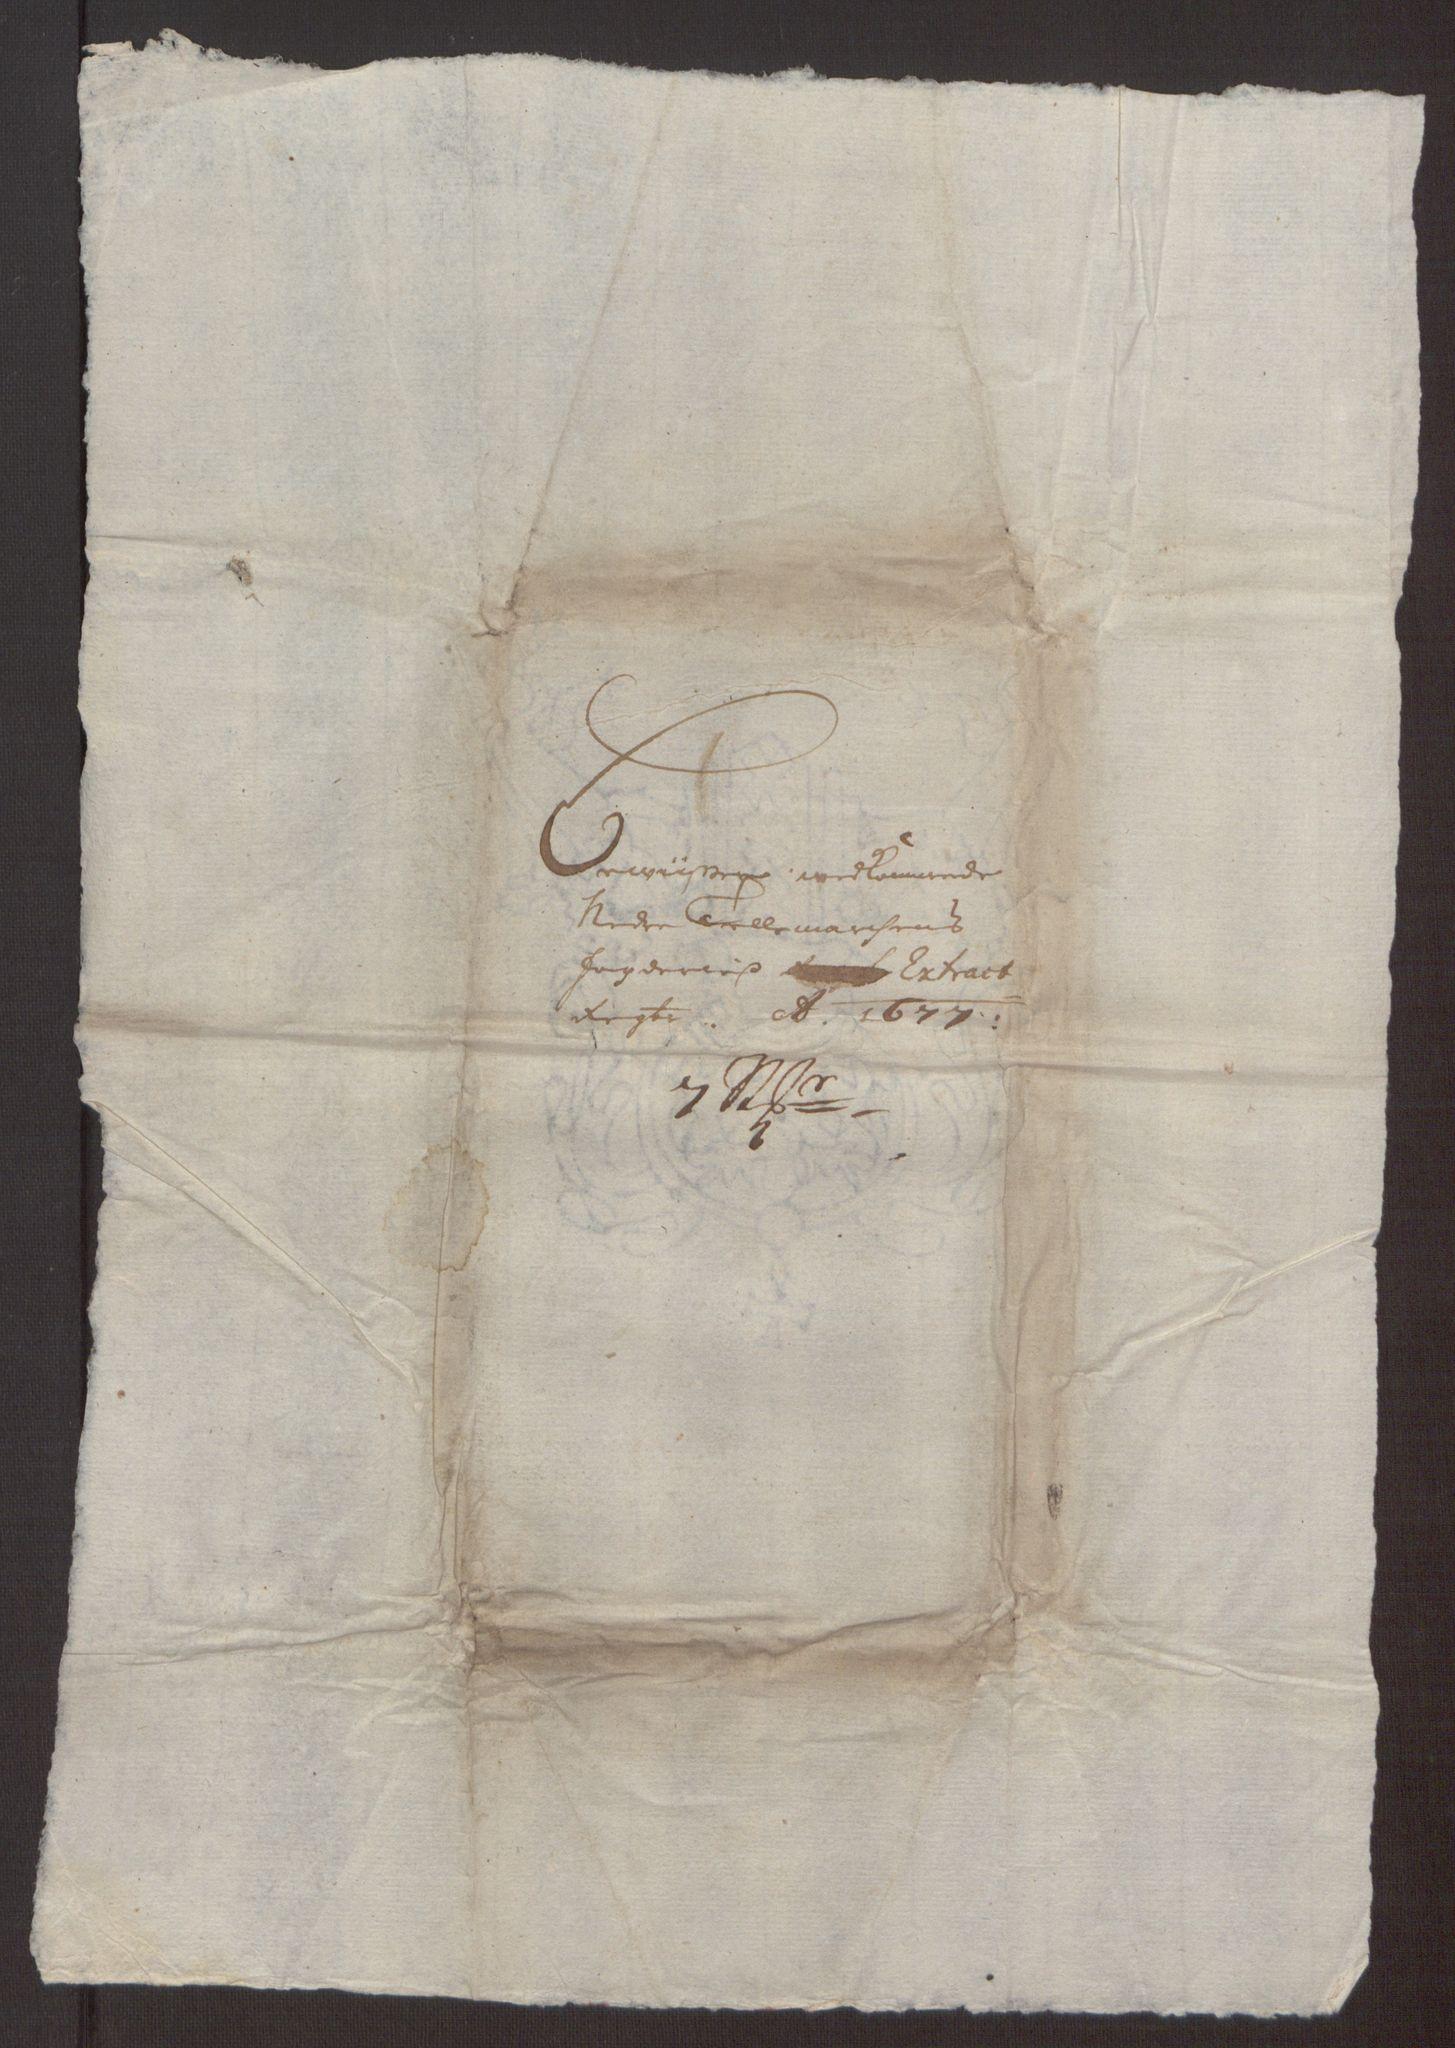 RA, Rentekammeret inntil 1814, Reviderte regnskaper, Fogderegnskap, R35/L2068: Fogderegnskap Øvre og Nedre Telemark, 1677, s. 209